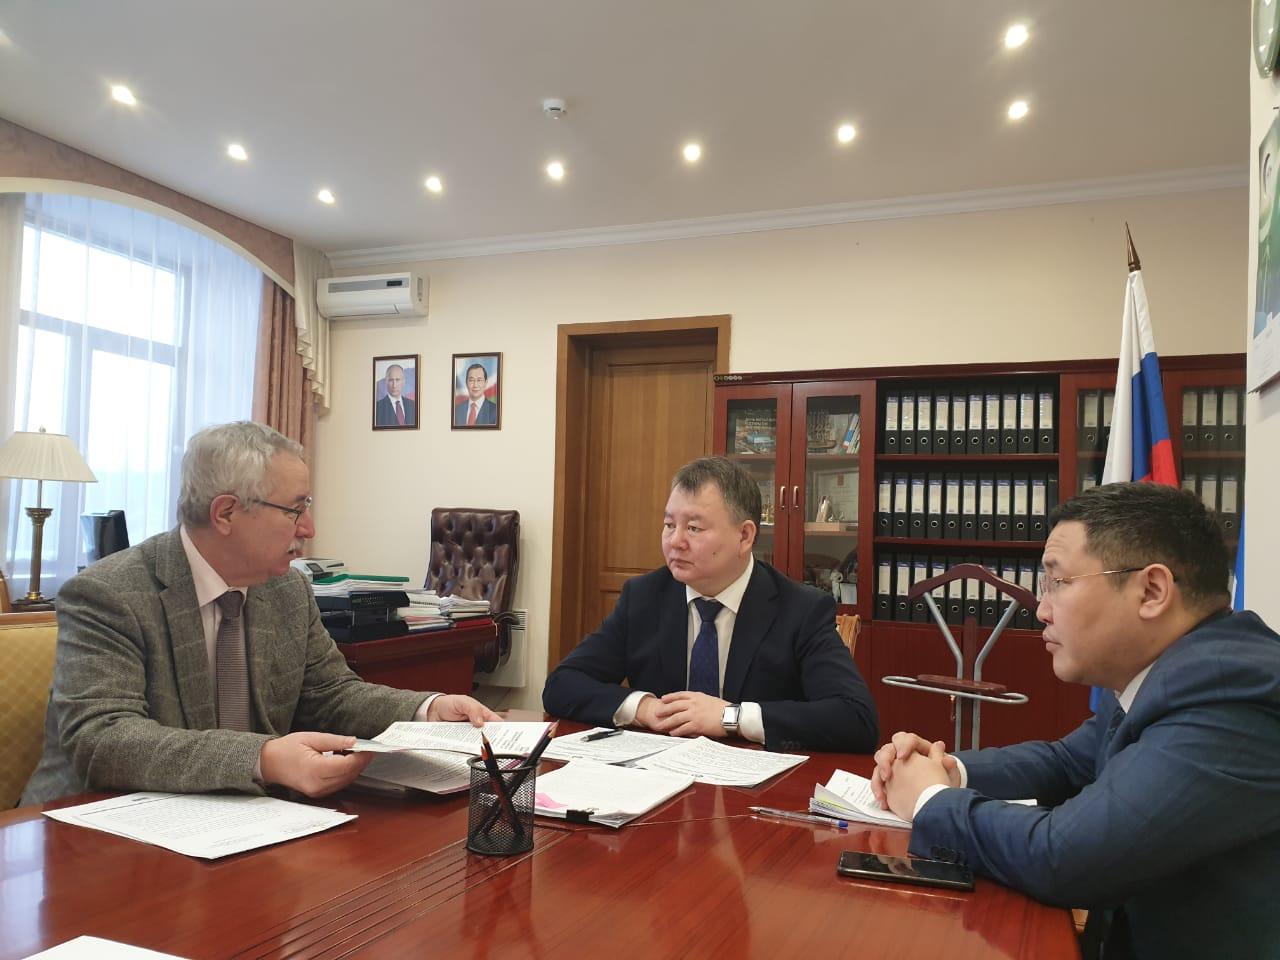 В июле в Якутске состоится международная конференция по сохранению языков народов мира